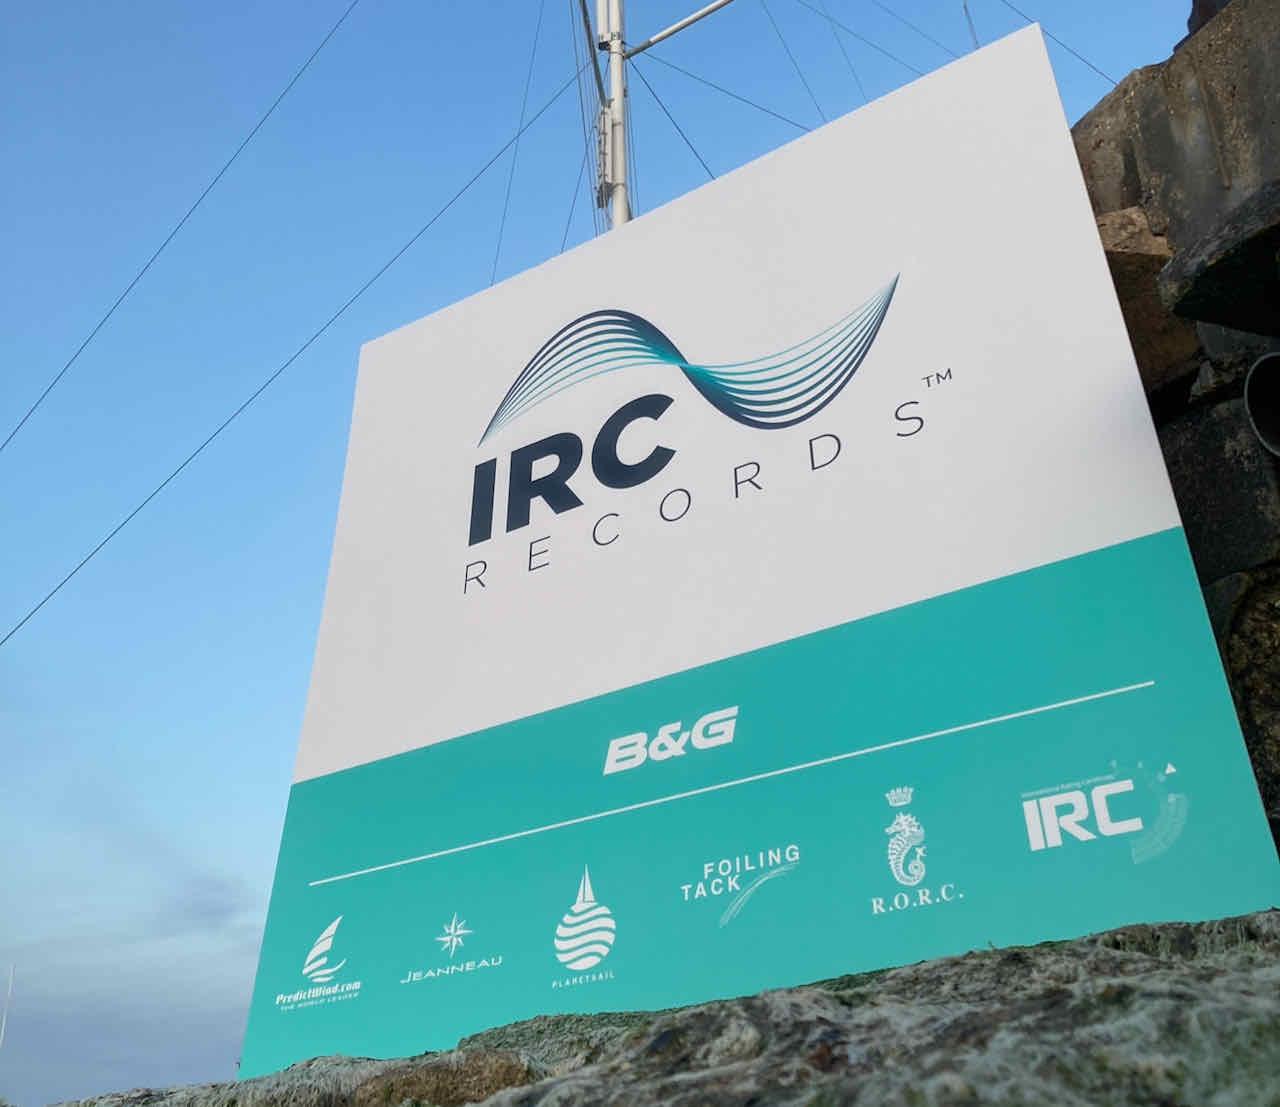 IRCRecords